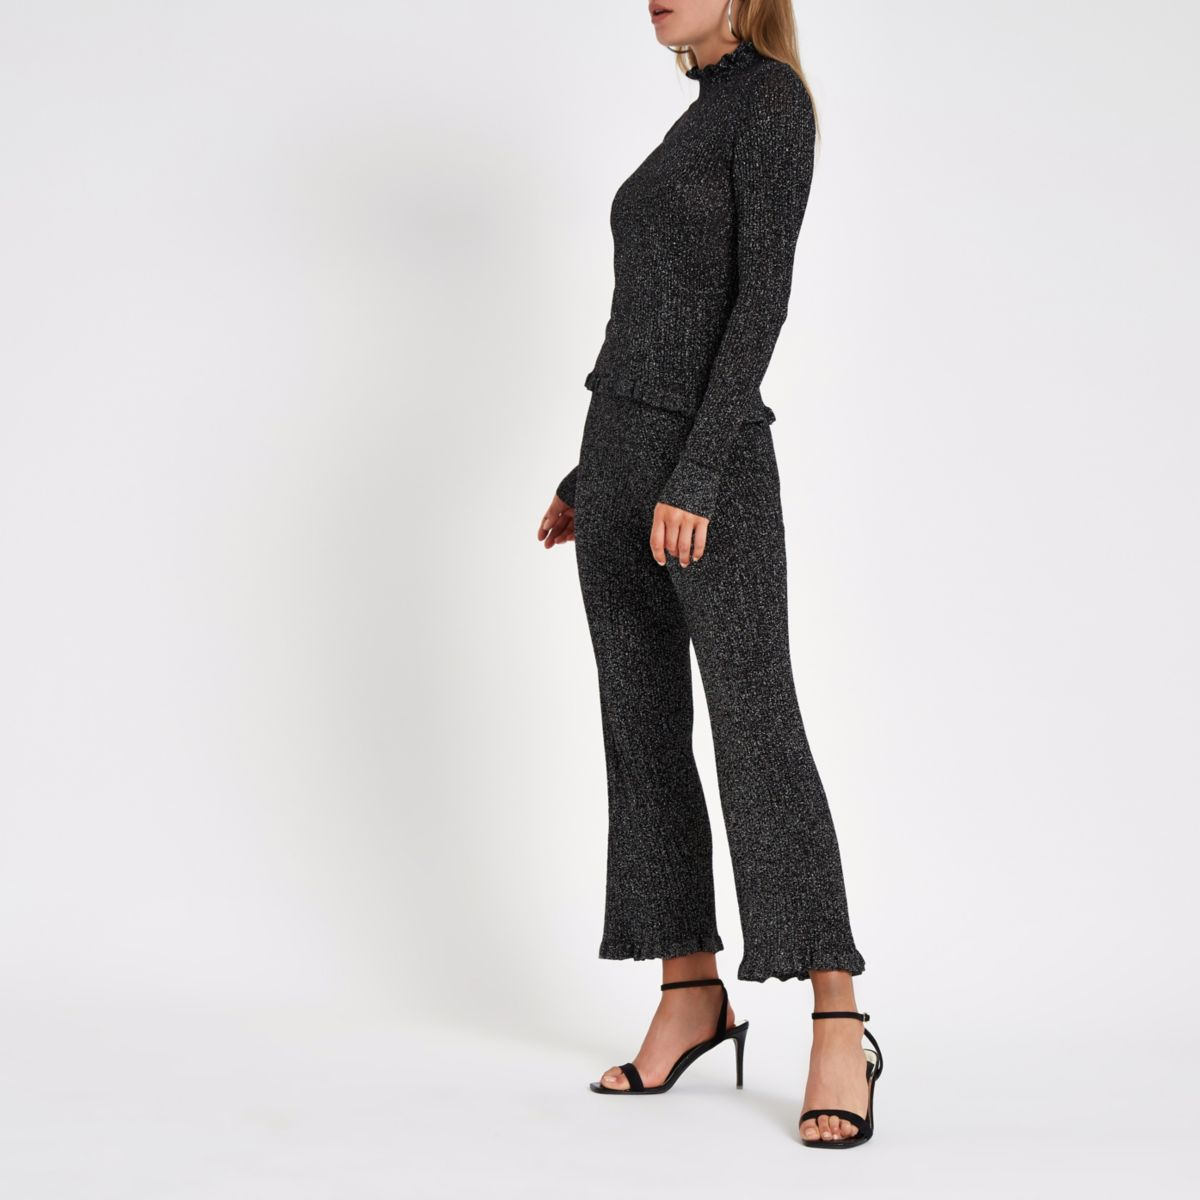 Pantalon en maille noir métallisé avec ourlet à volant